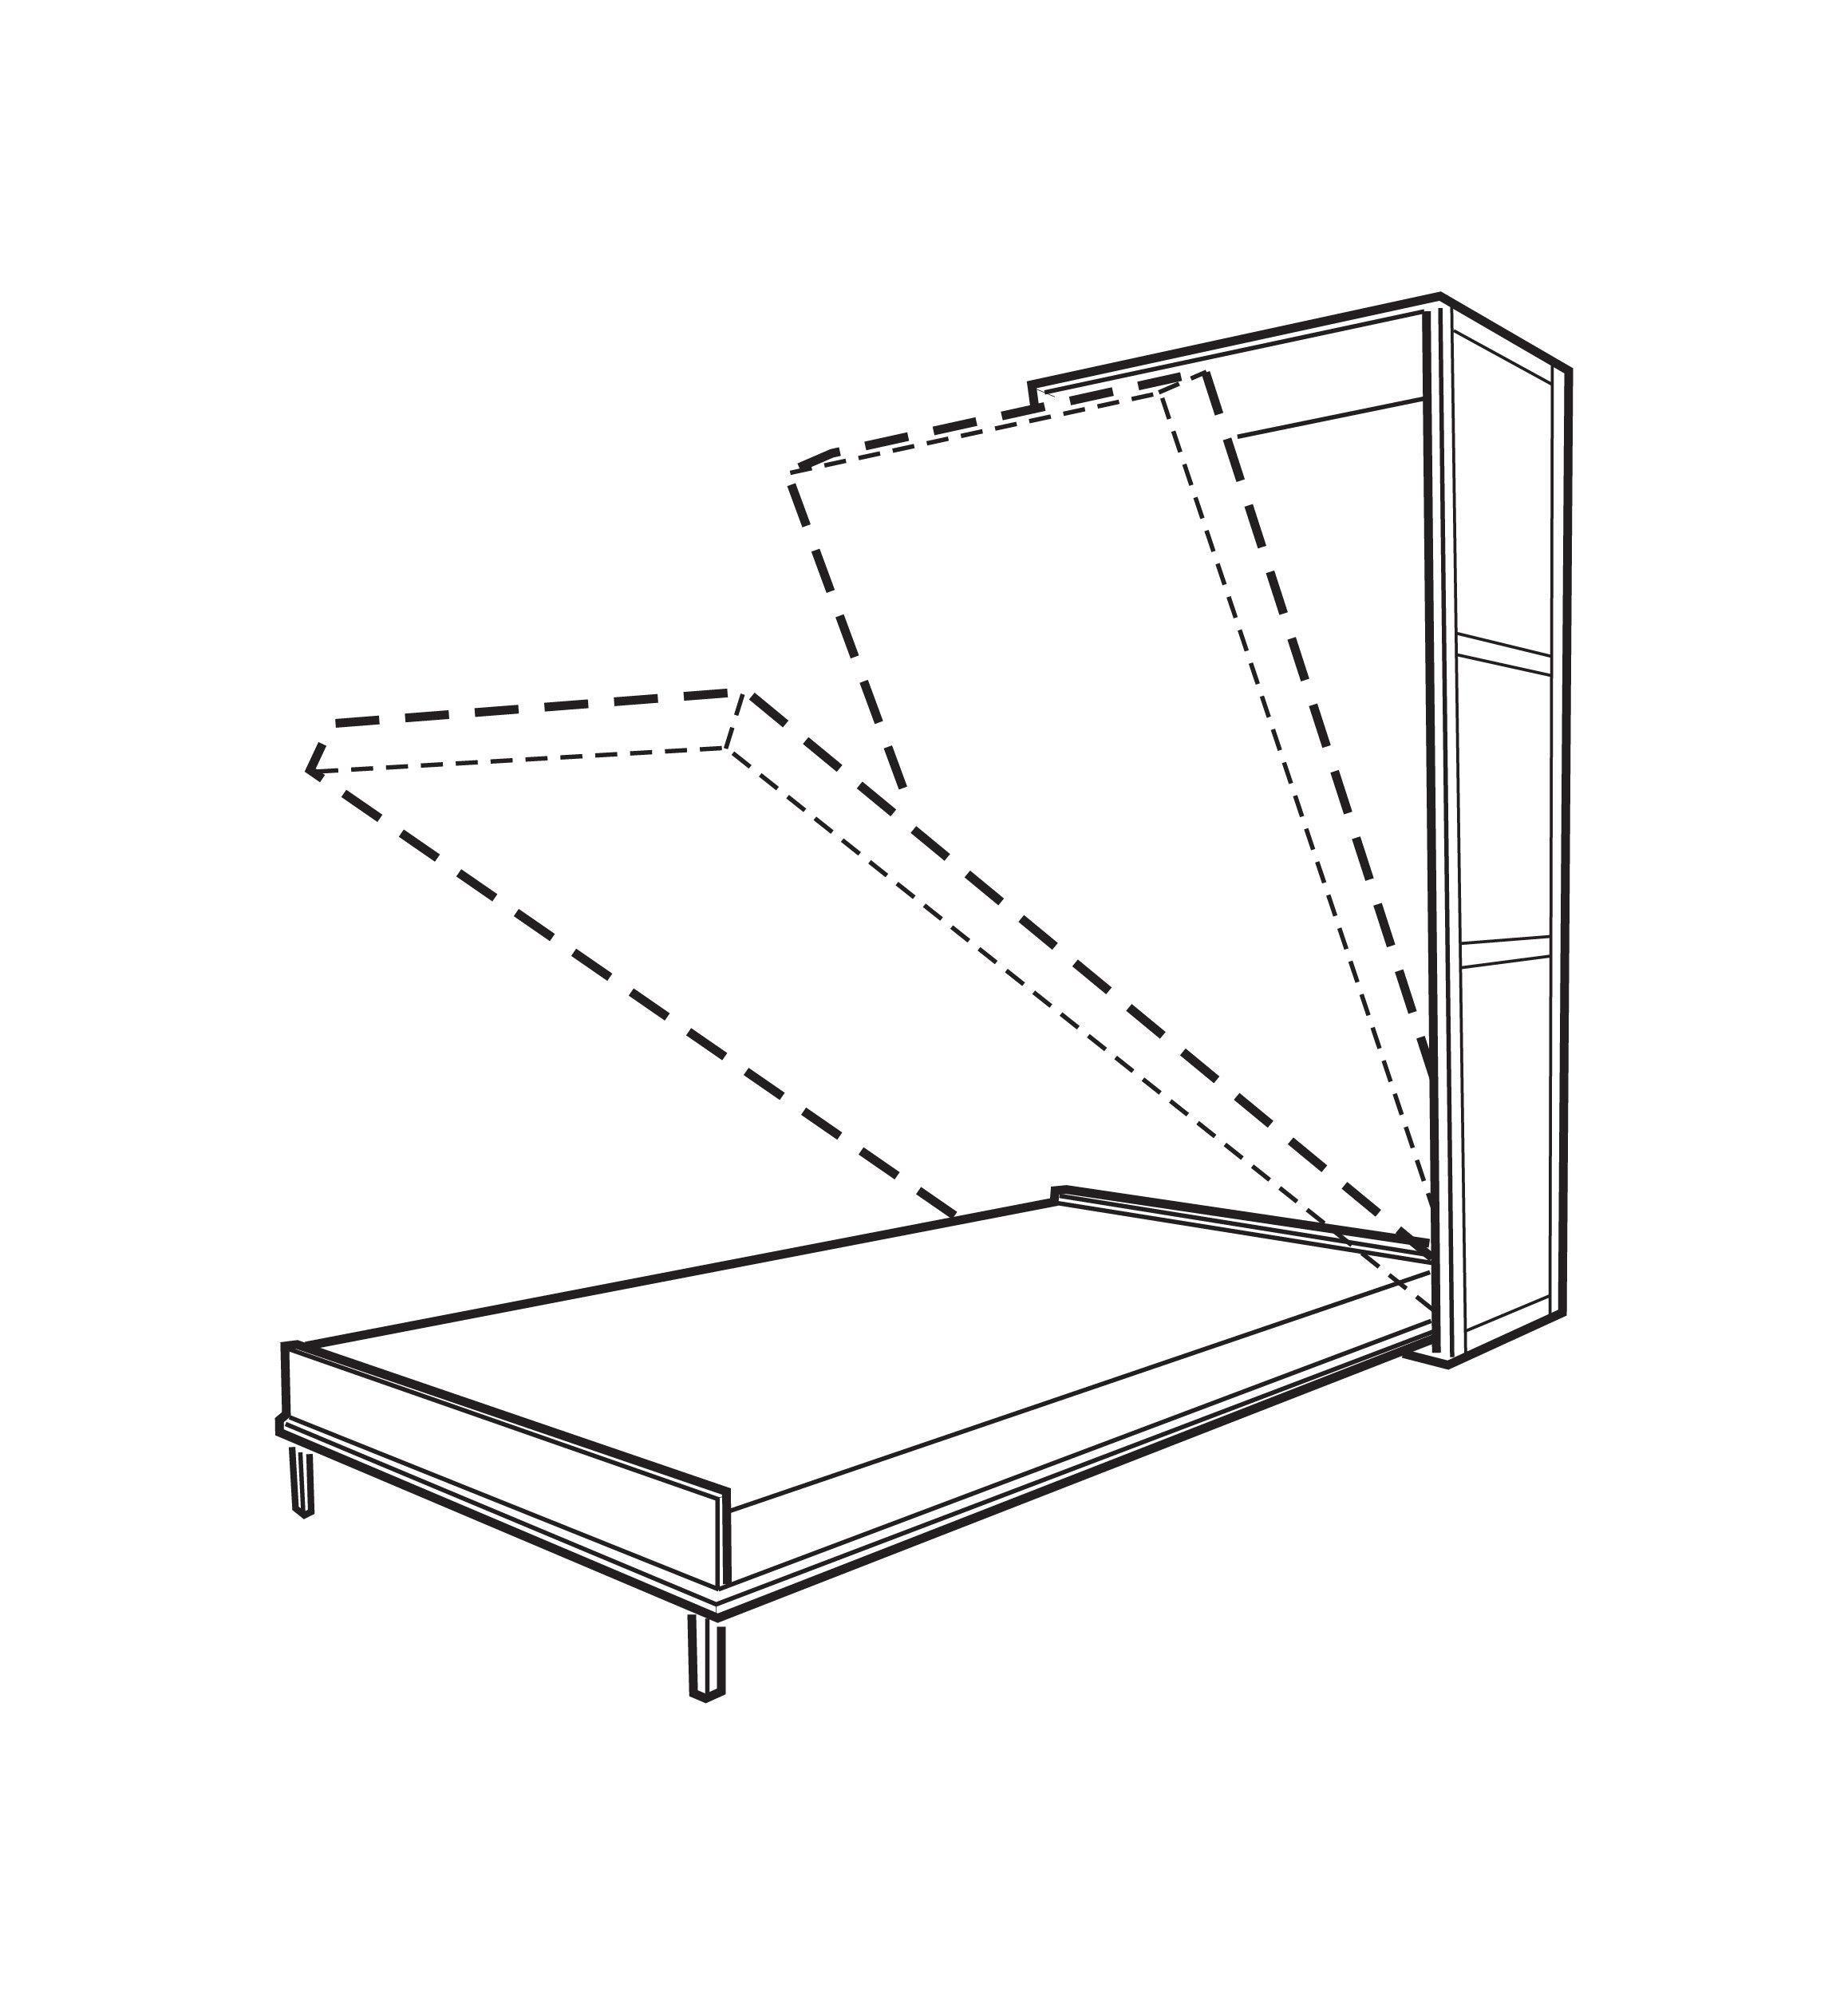 Mécanisme pour lit escamotable Lit escamotable, Trucs et